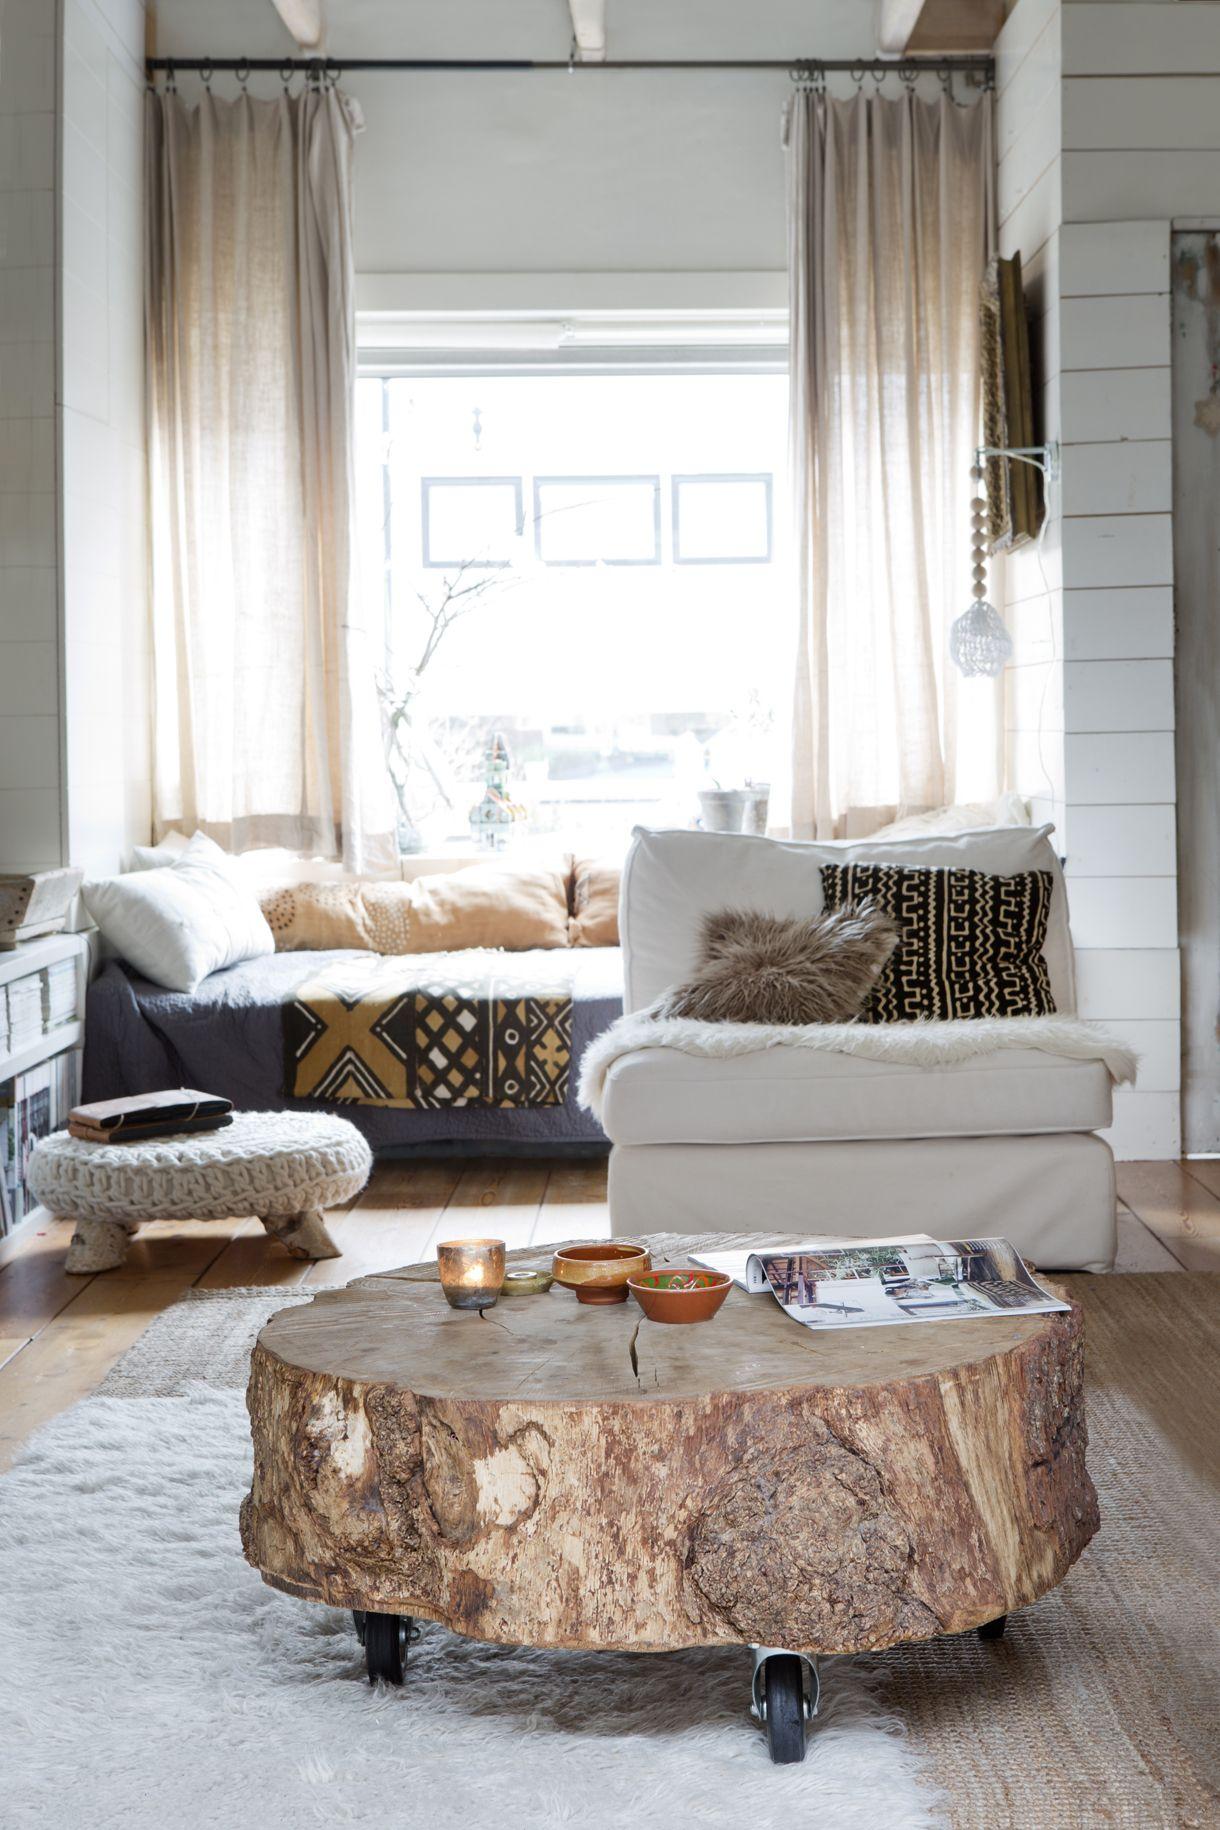 Table Basse Avec Souche D Arbre ambiance cocooning dans une maison des pays-bas | how to